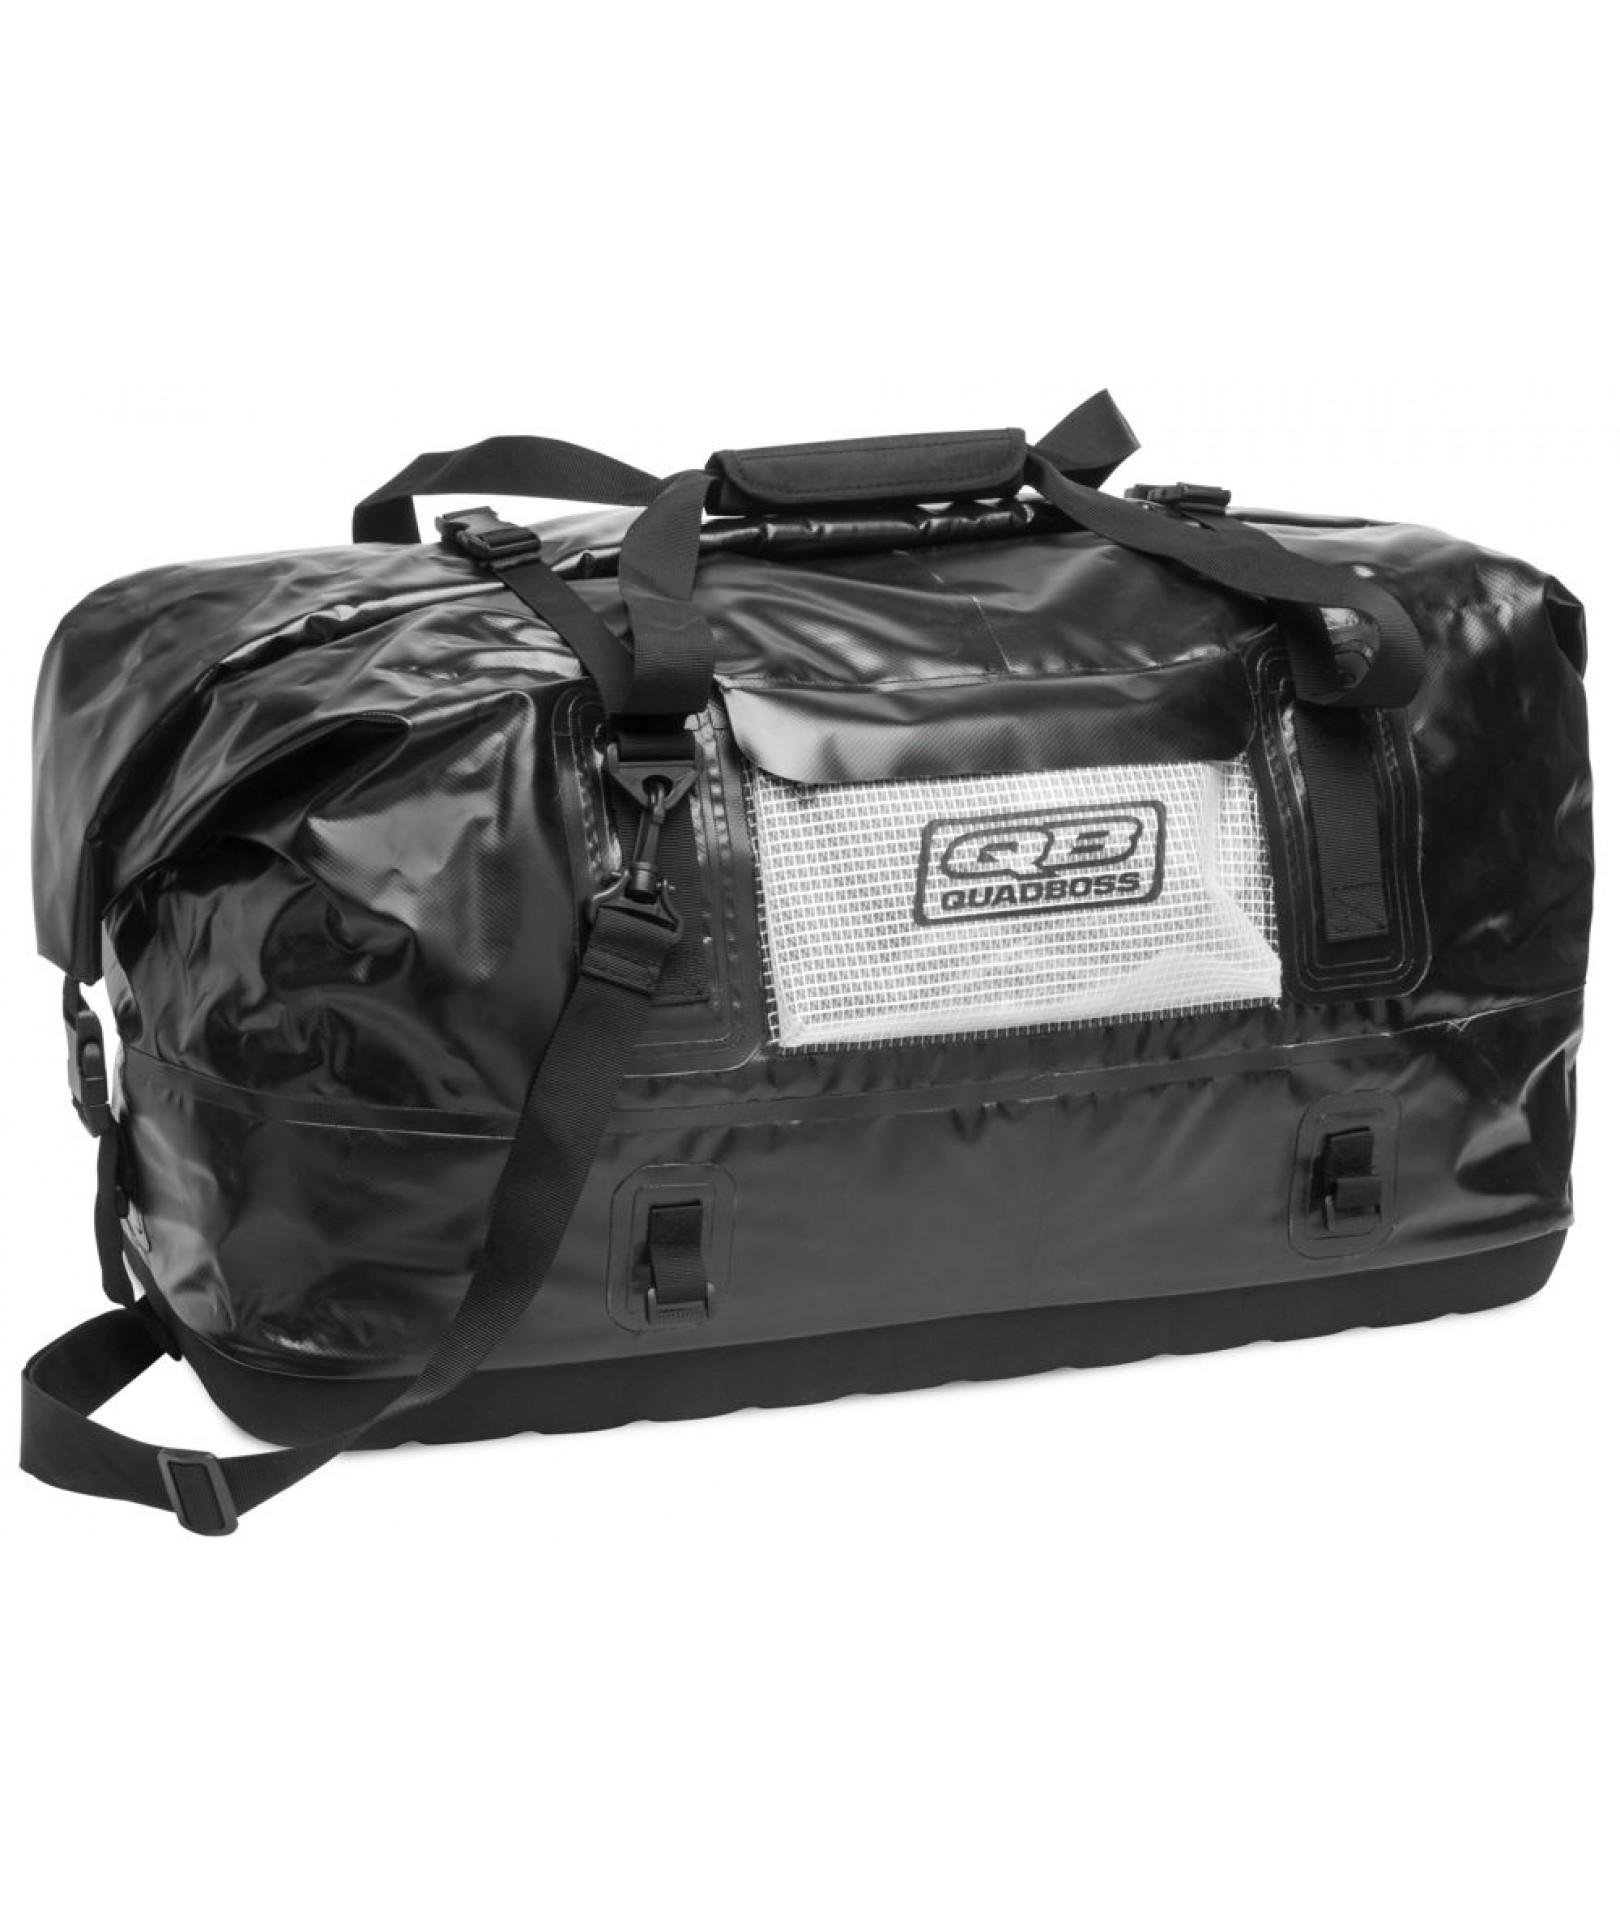 Waterproof Duffle Xl Black Waterproof Luggage Amp Racks